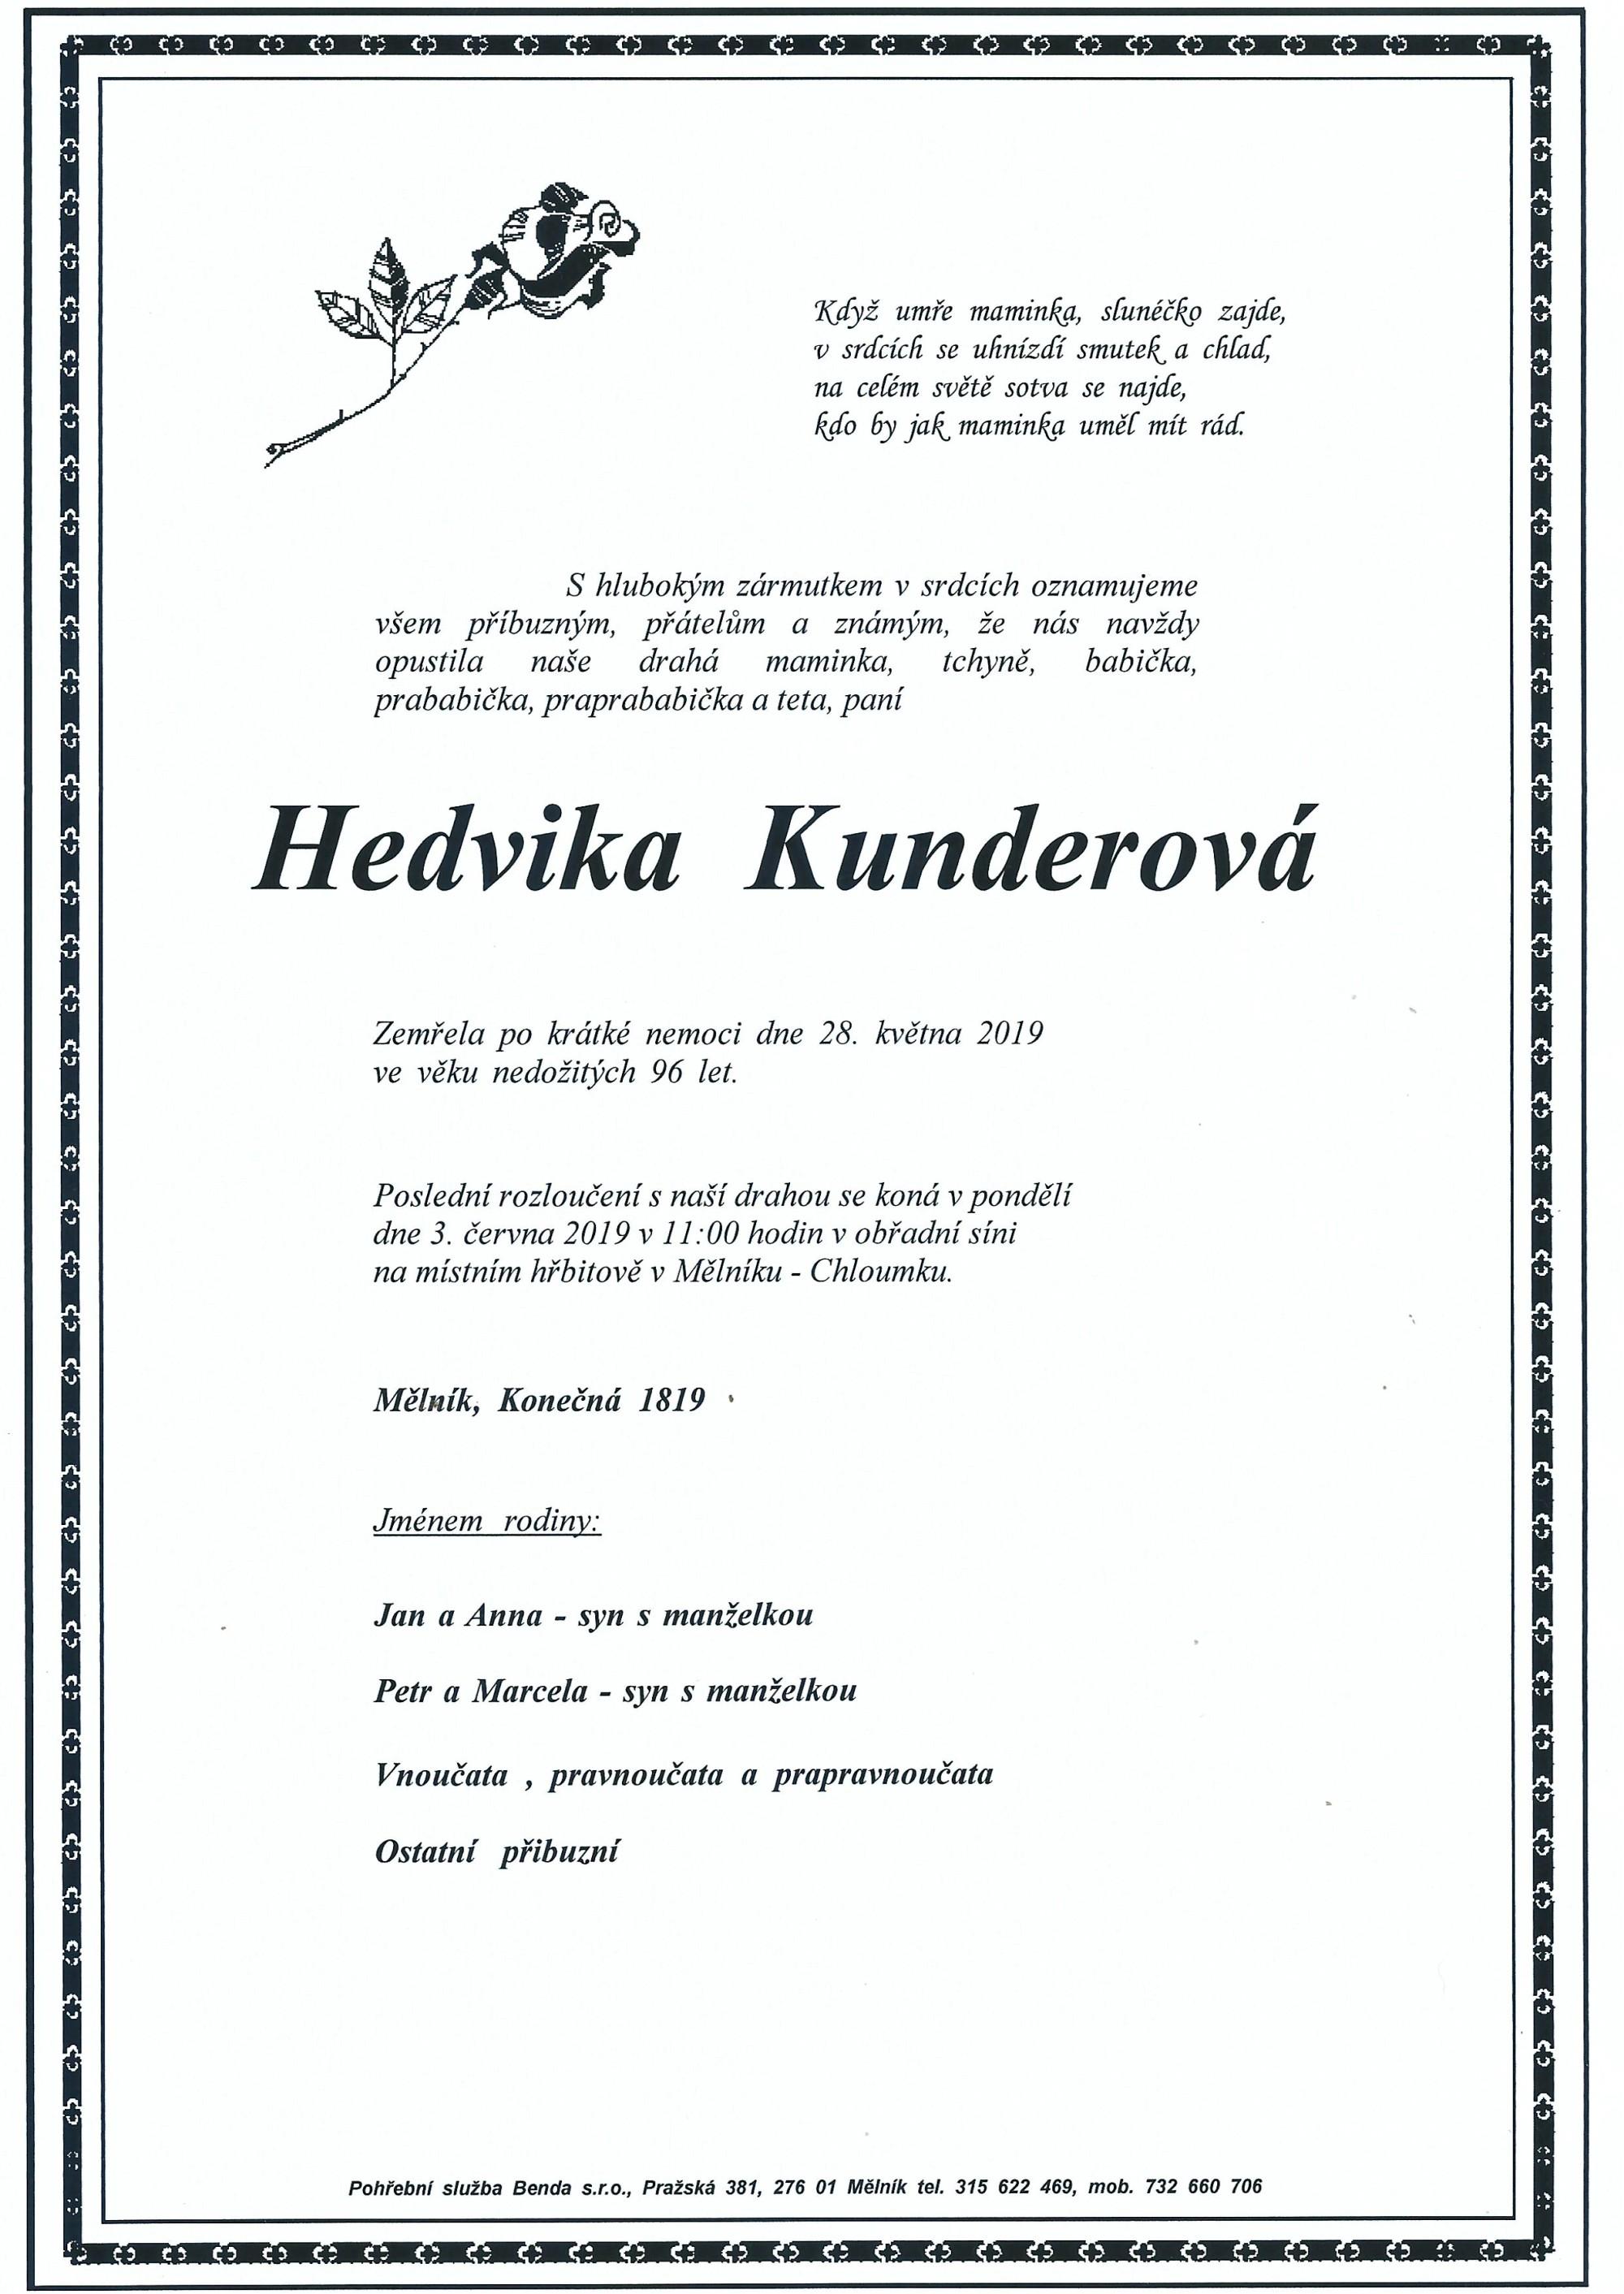 Hedvika Kunderová